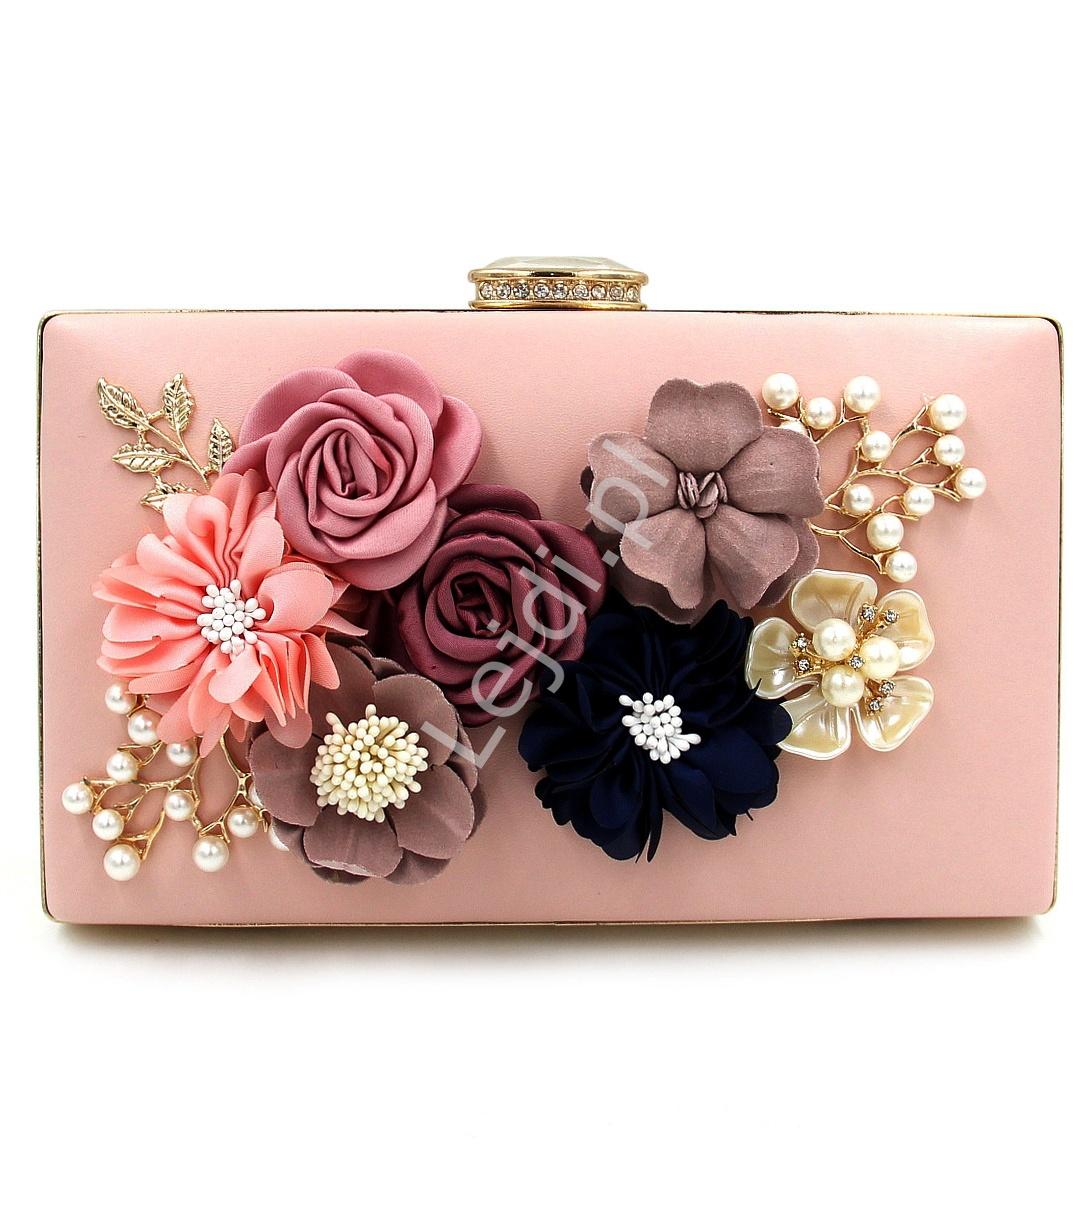 dde897fb1064a Wyjątkowa torebka wieczorowa z kwiatami 3D w kolorze pudrowego różu z  zapięciem z kryształkami